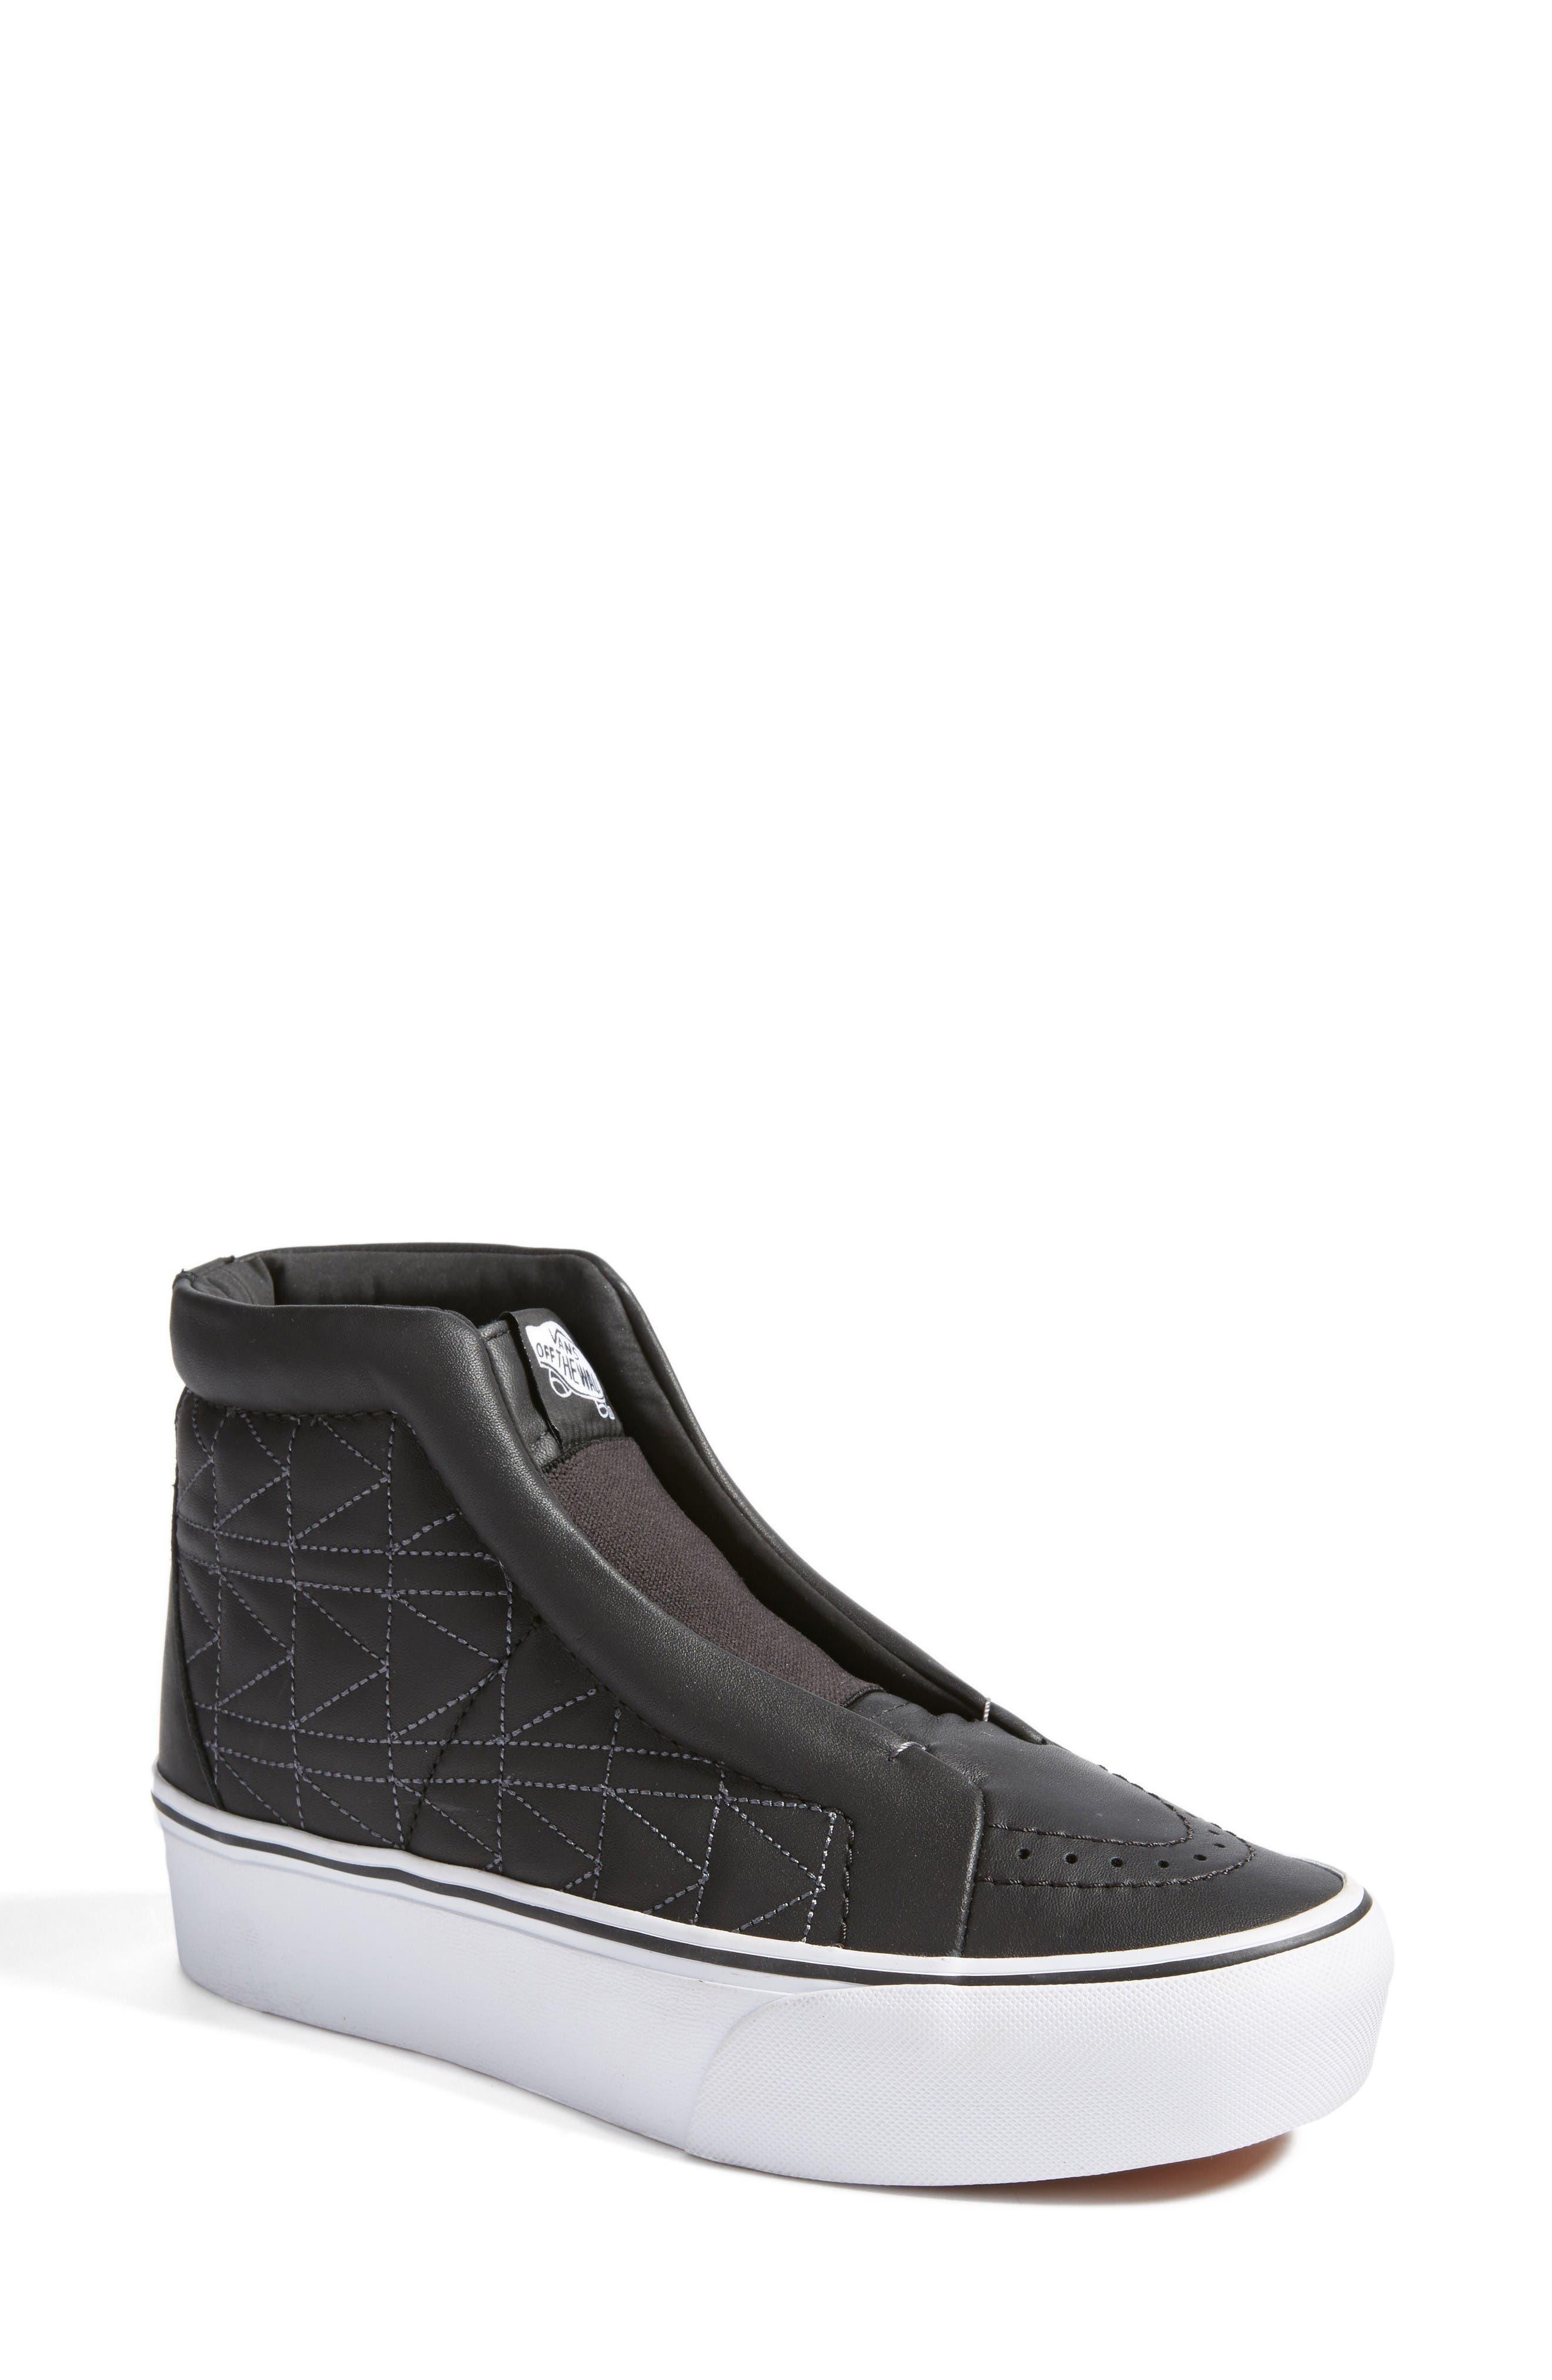 Alternate Image 1 Selected - Vans x KARL LAGERFELD SK8-Hi Leather Sneaker (Women)